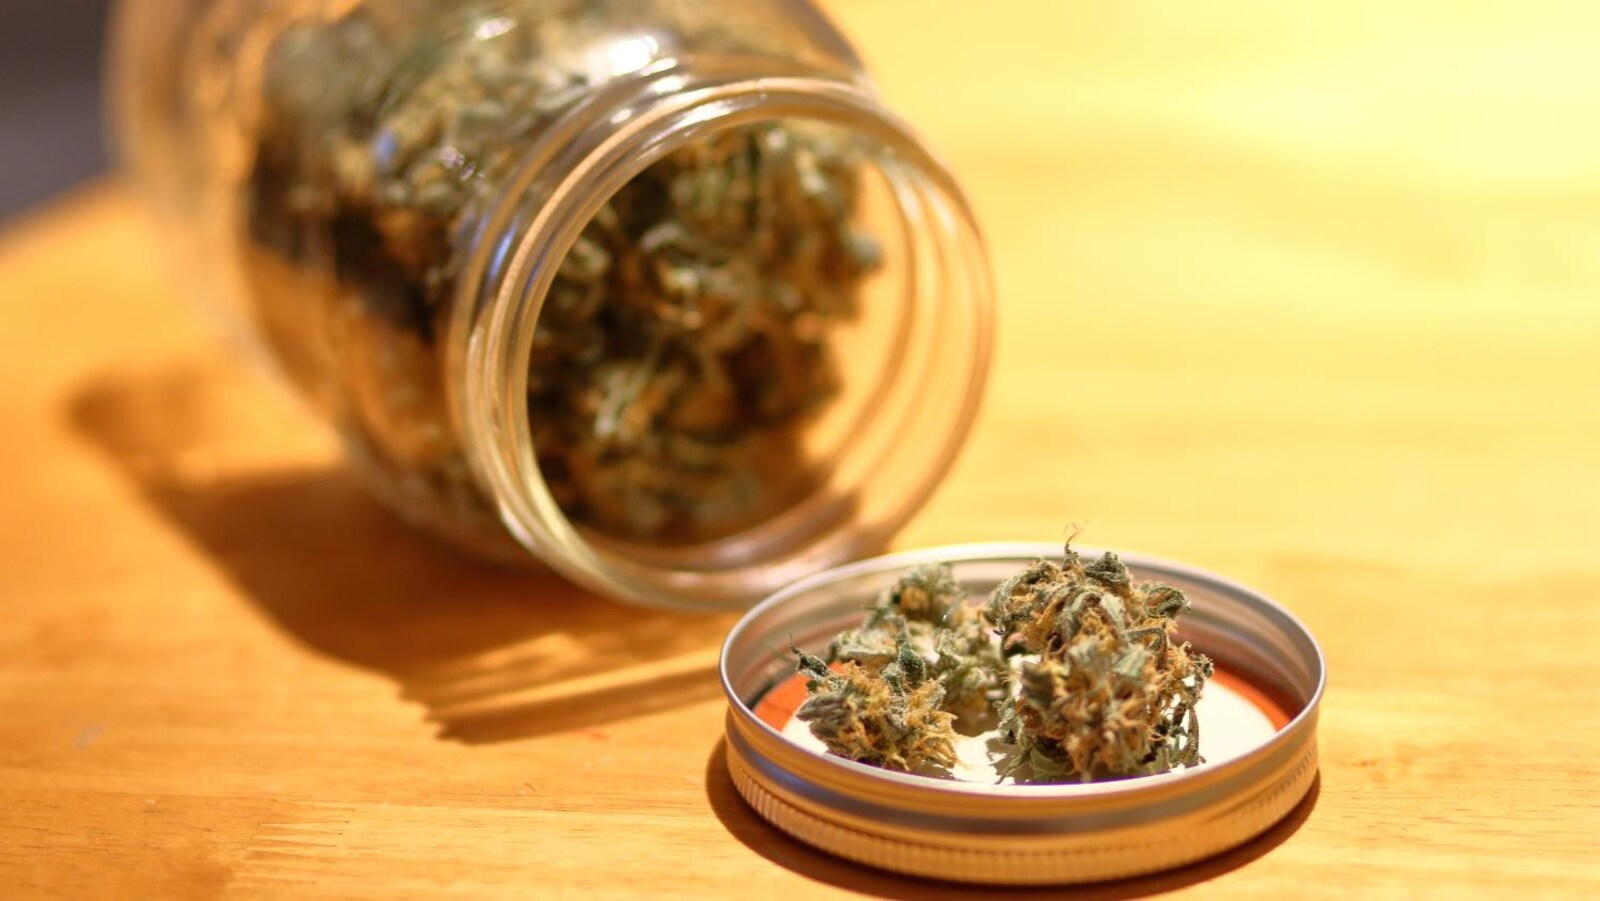 Du cannabis à usage récréatif sur une table.